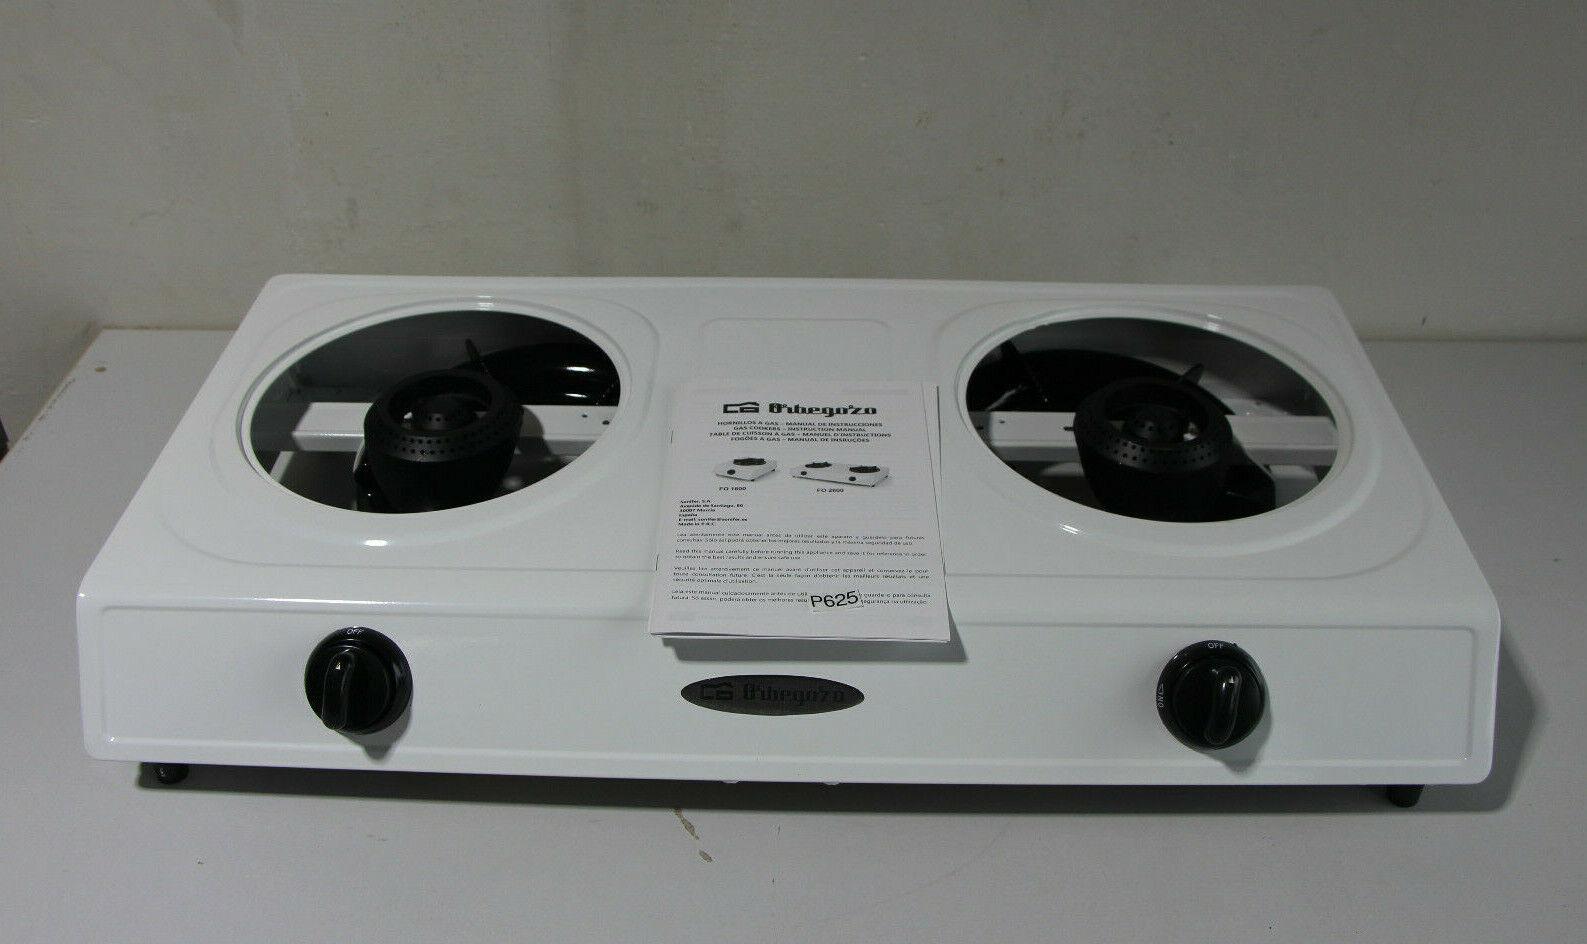 Hornillo Orbegozo f02600, estufa de gas con 2 fuego (p625-r67)